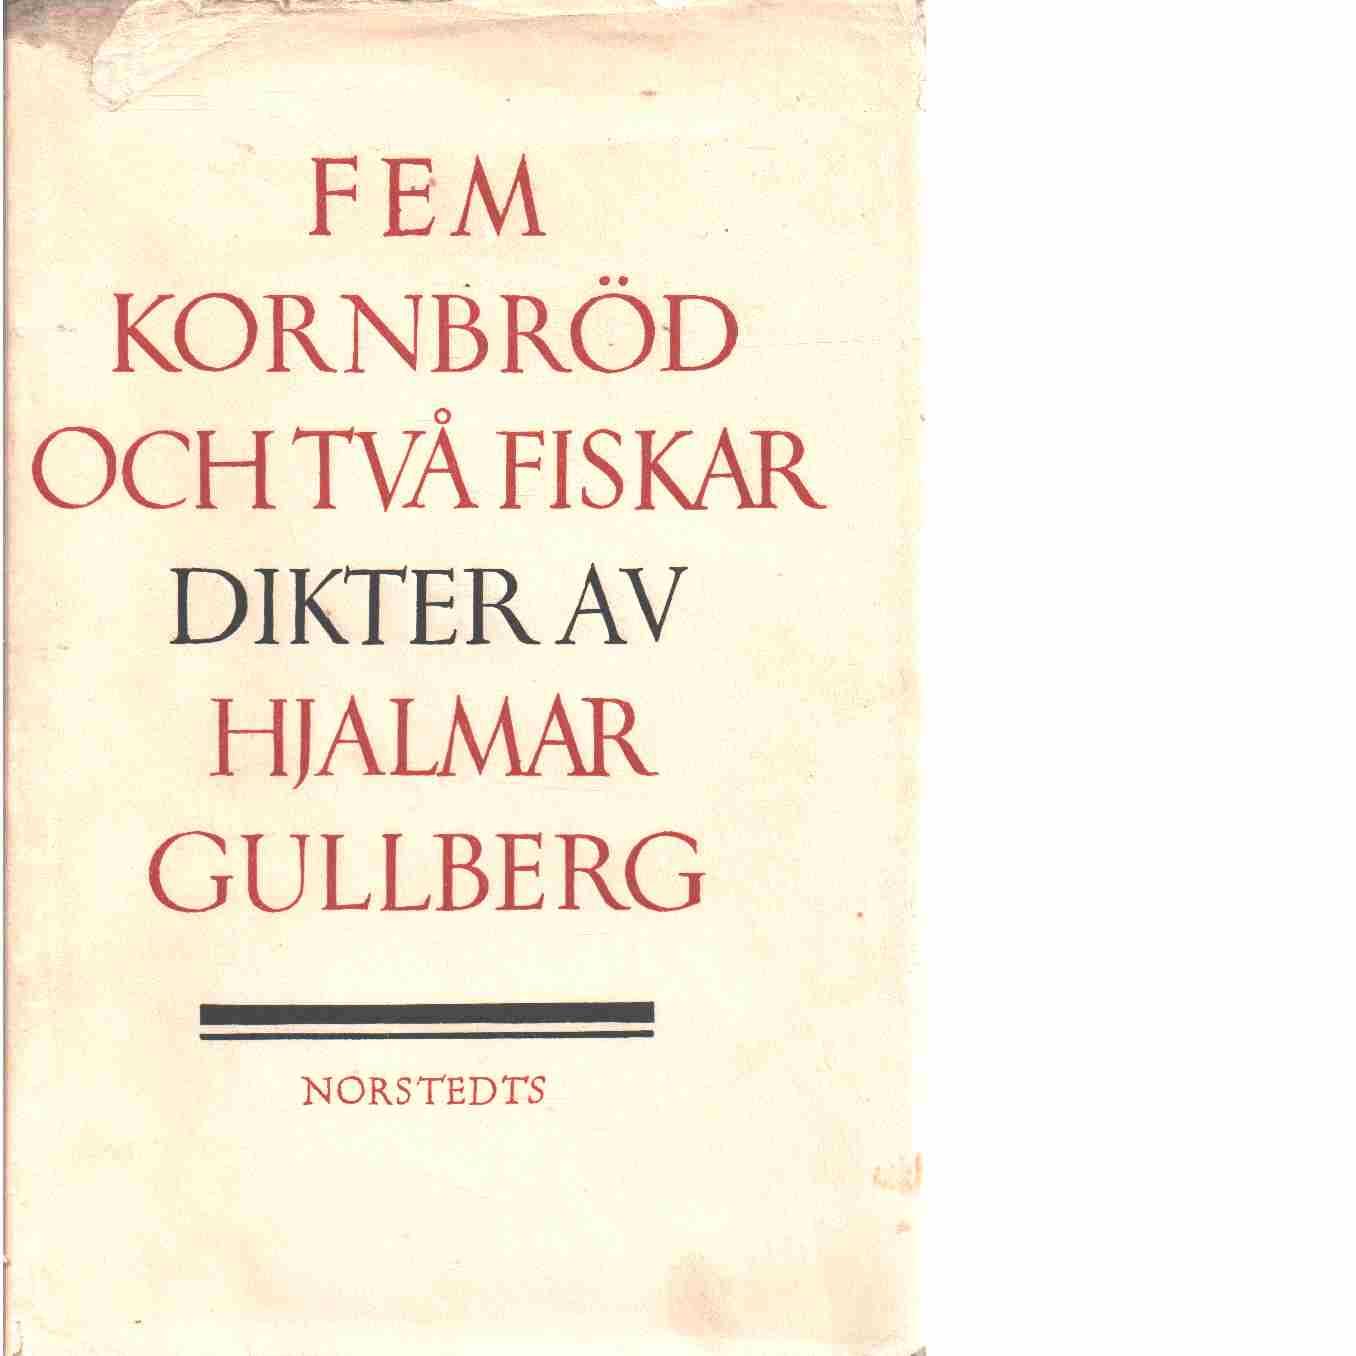 Fem kornbröd och två fiskar - Gullberg, Hjalmar